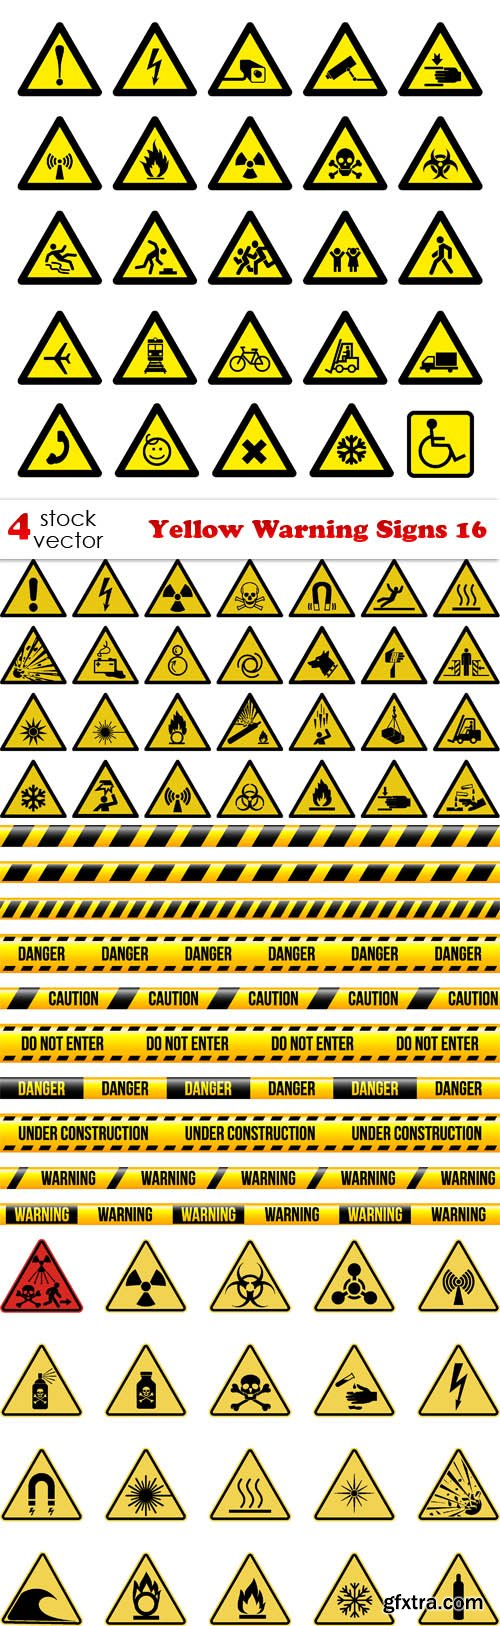 Vectors - Yellow Warning Signs 16